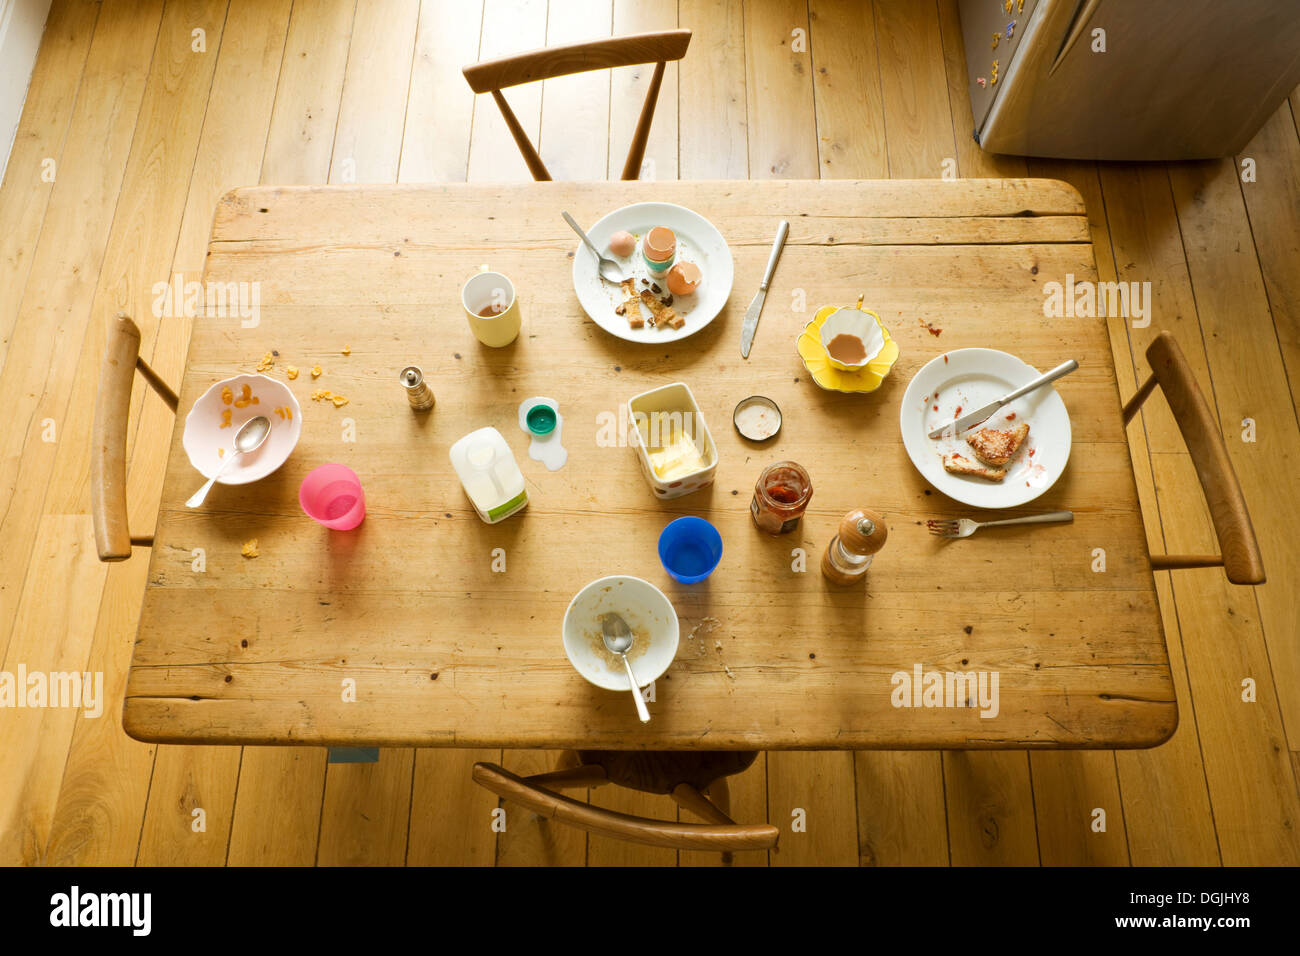 Draufsicht der Frühstückstisch mit gegessen Nahrung und chaotisch Platten Stockbild